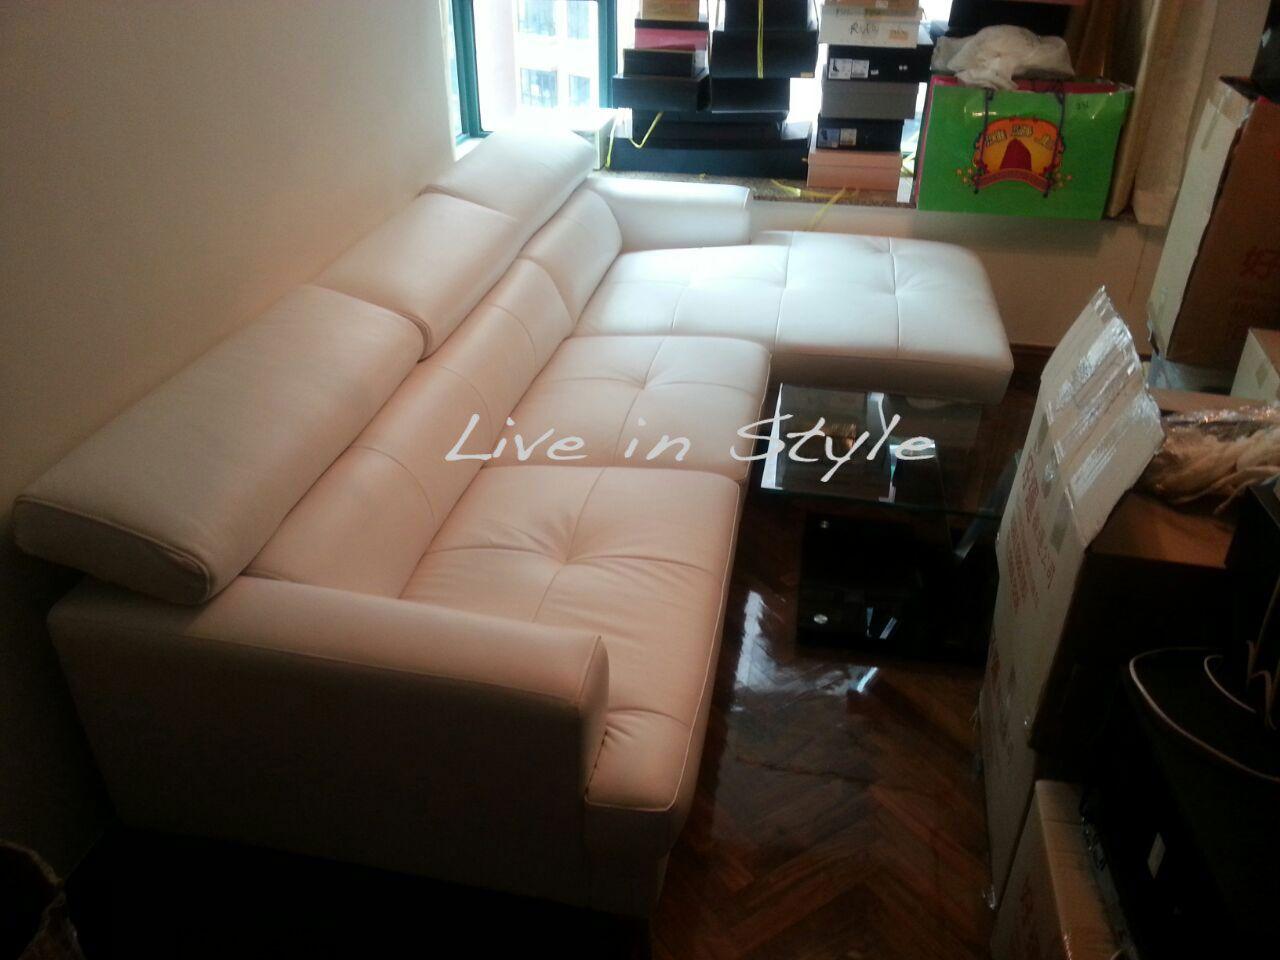 Arezzo Sofa Wl053 Leather Sofa Colourful Cushions Sofa Seats